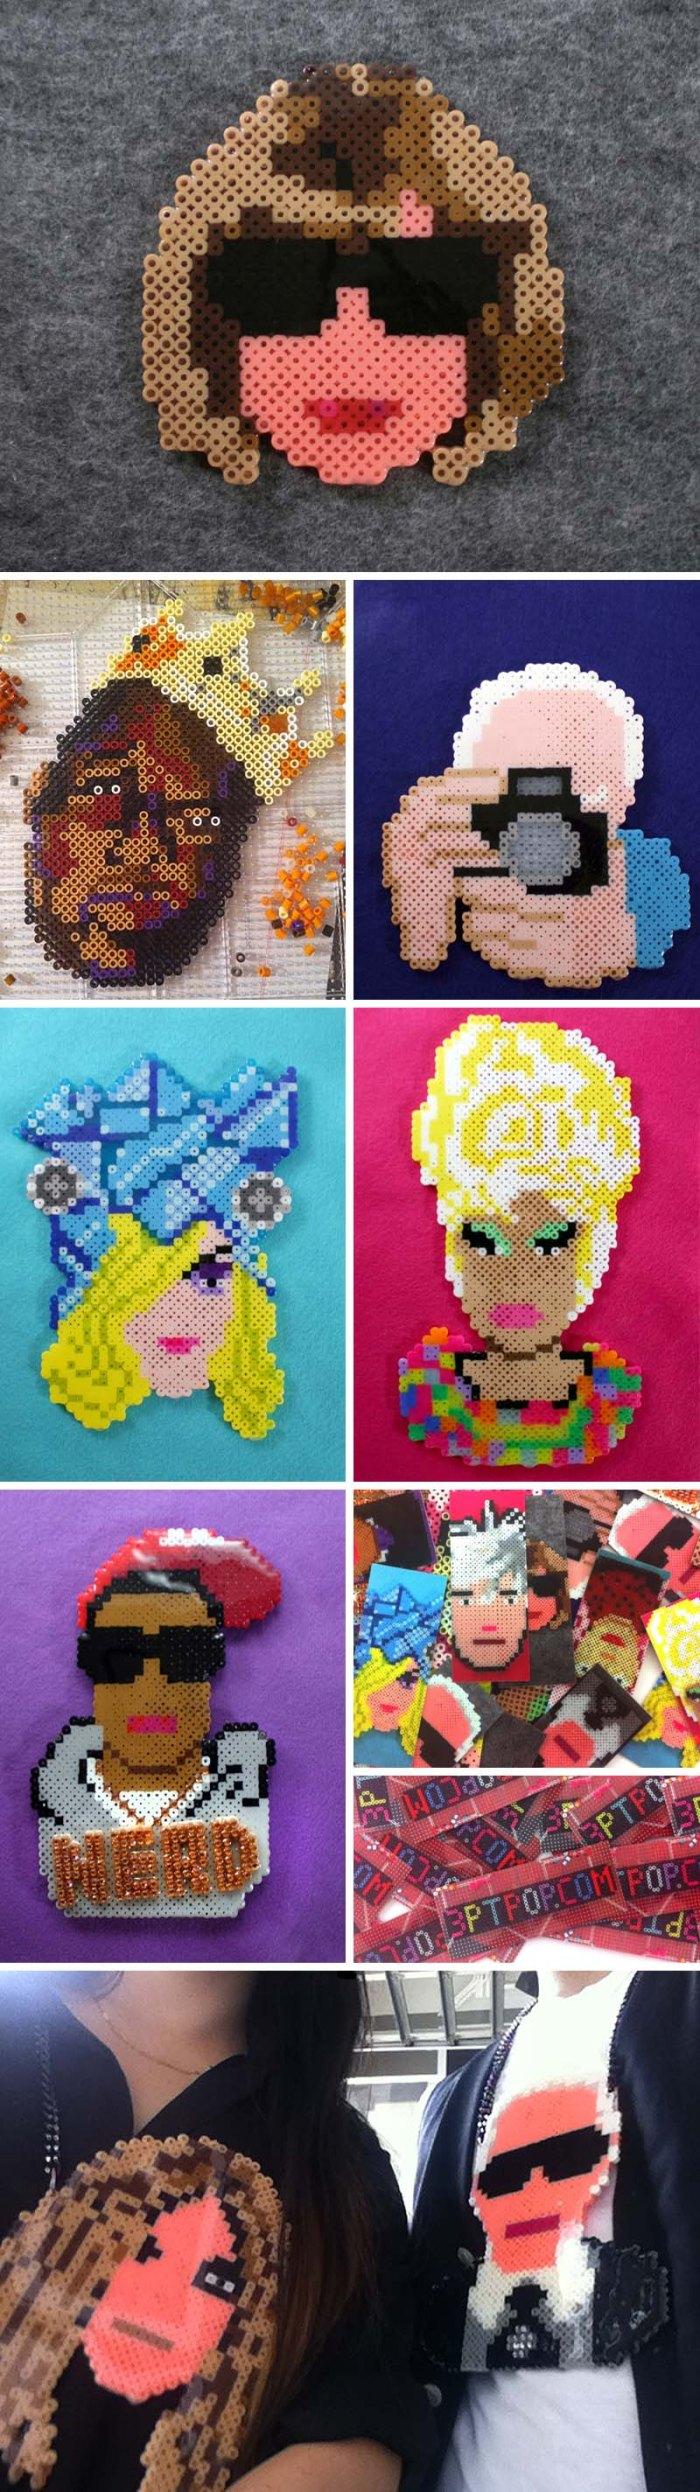 3PTPOP, Victor Pump, Victor-John Villanueva, Perler Bead pop art accessories